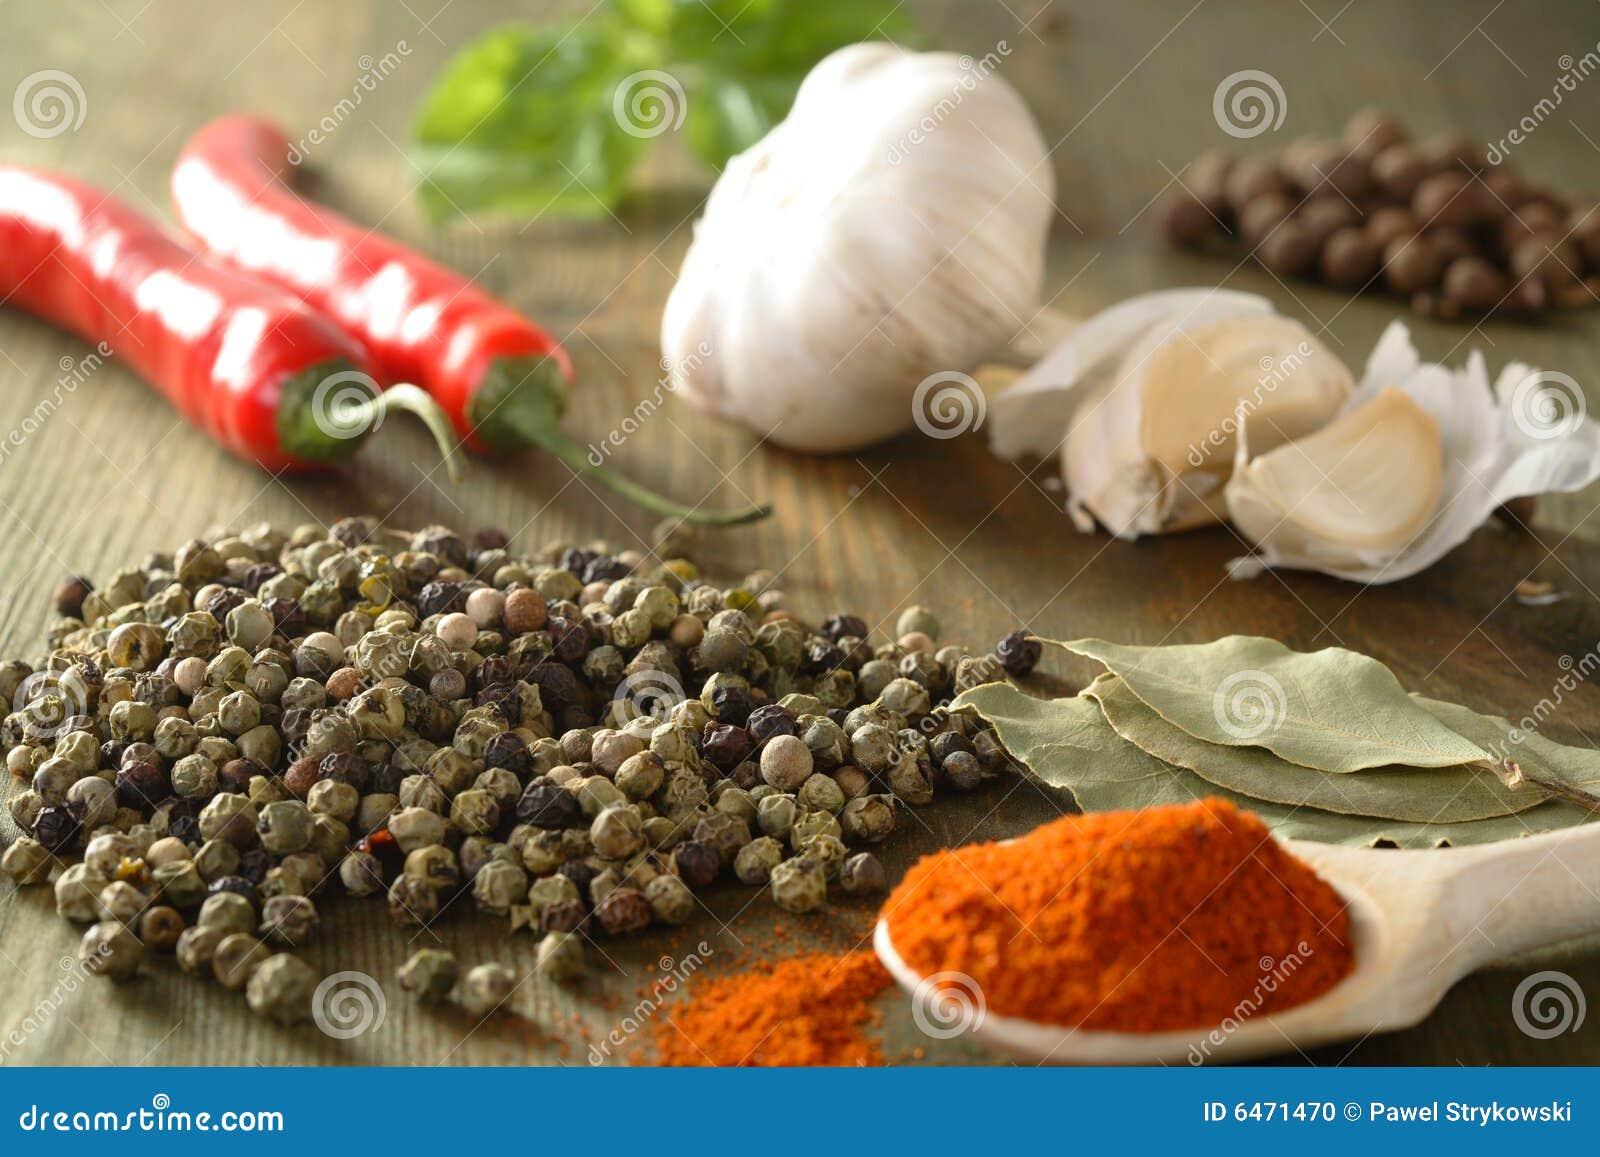 Pimenta, alho e pimentão